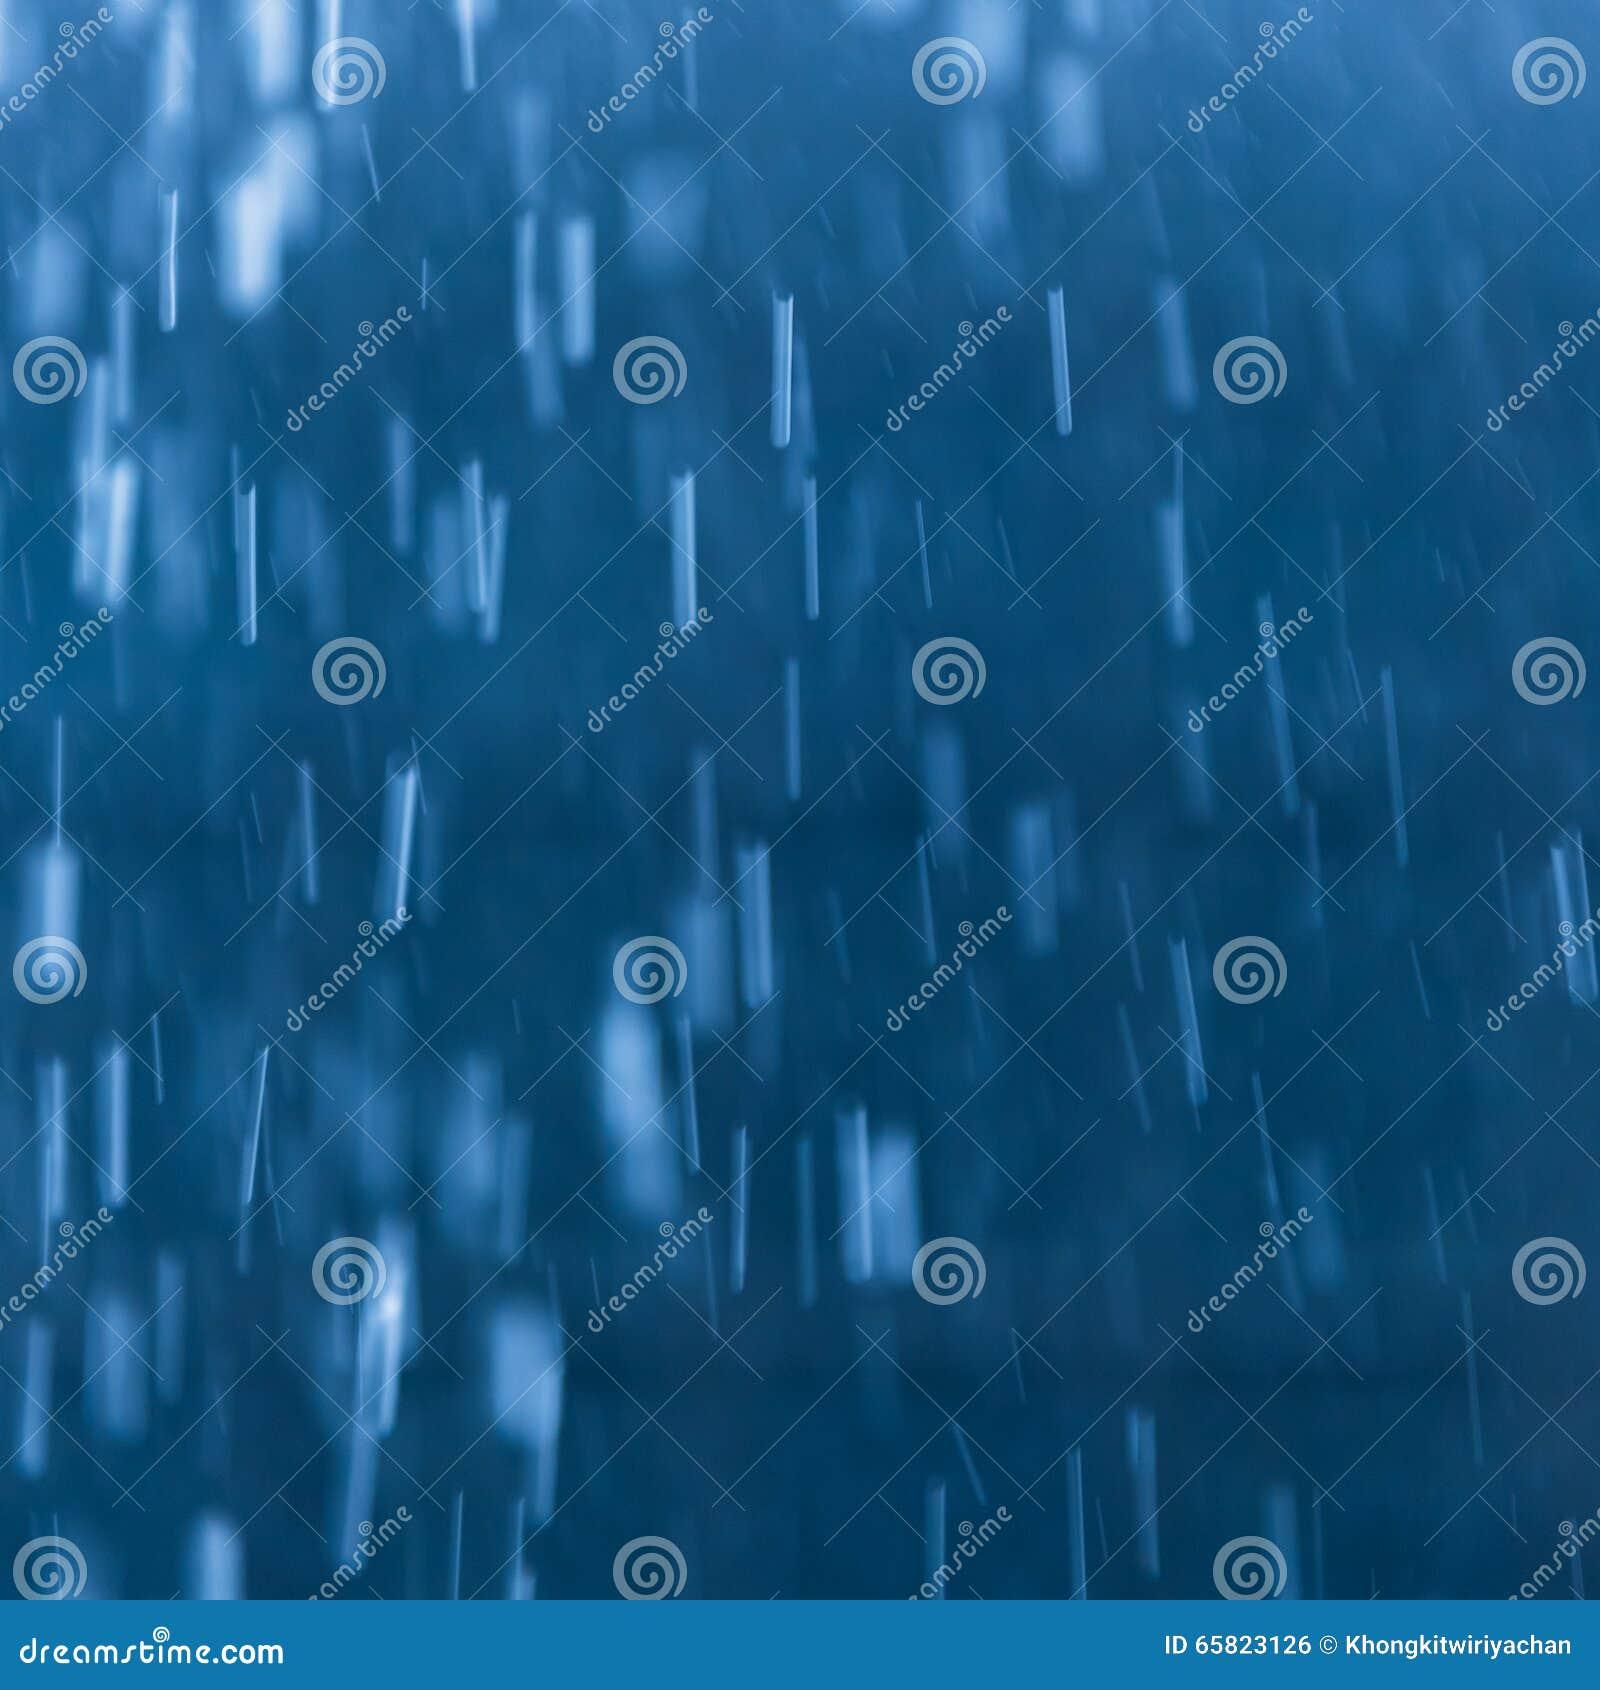 Δυνατή βροχή ως εικόνα υποβάθρου